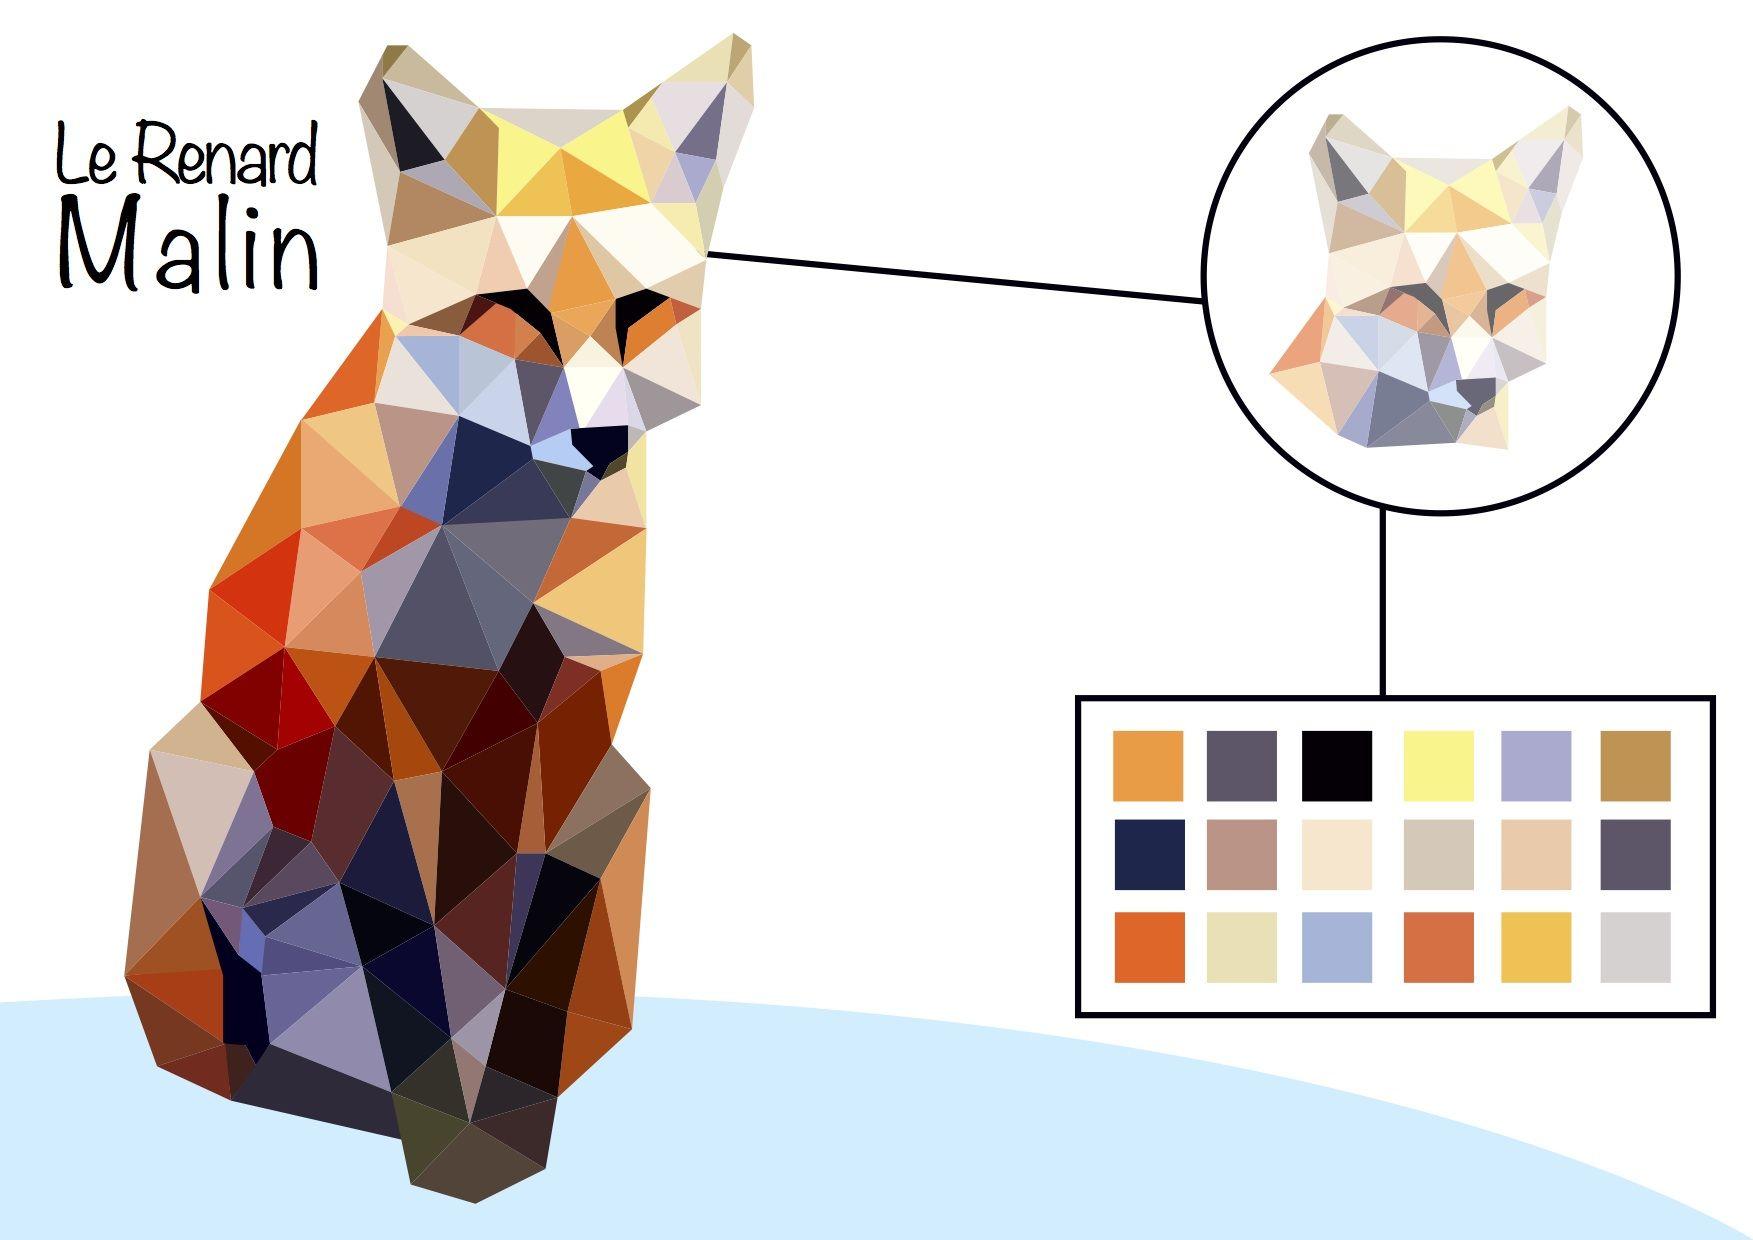 Le renard malin ai made by vianney dehainault le renard malin cr ation pinterest - Vianney prenom ...